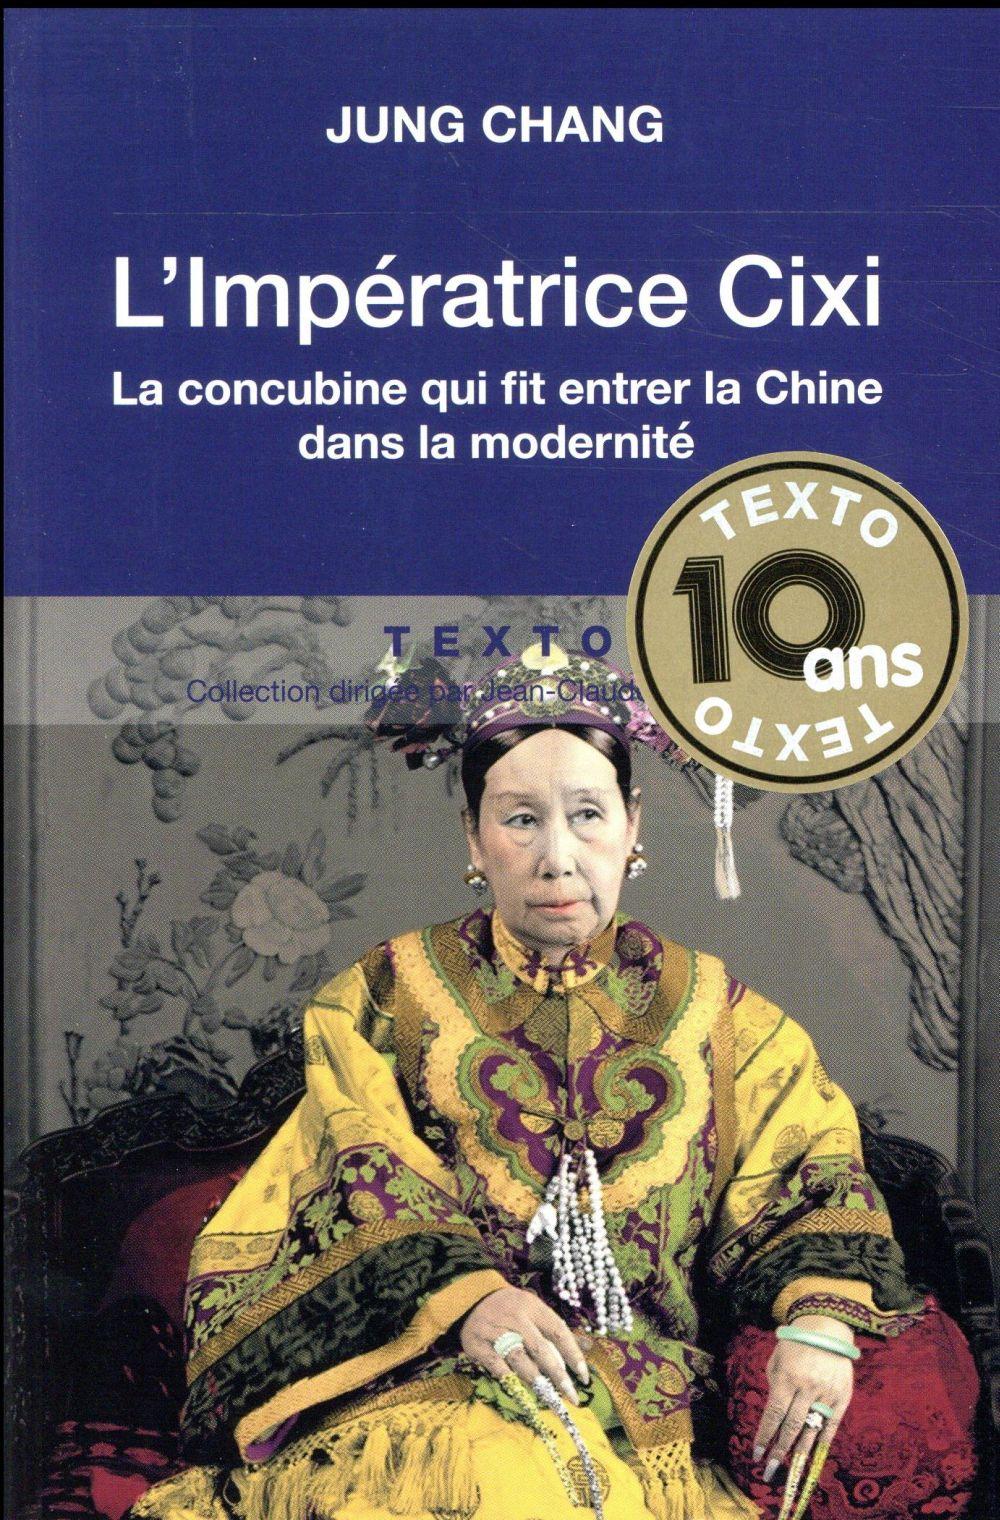 Chang Jung - L IMPERATRICE CIXI. LA CONCUBINE QUI FIT ENTRER LA CHINE DANS LA MODERNITE